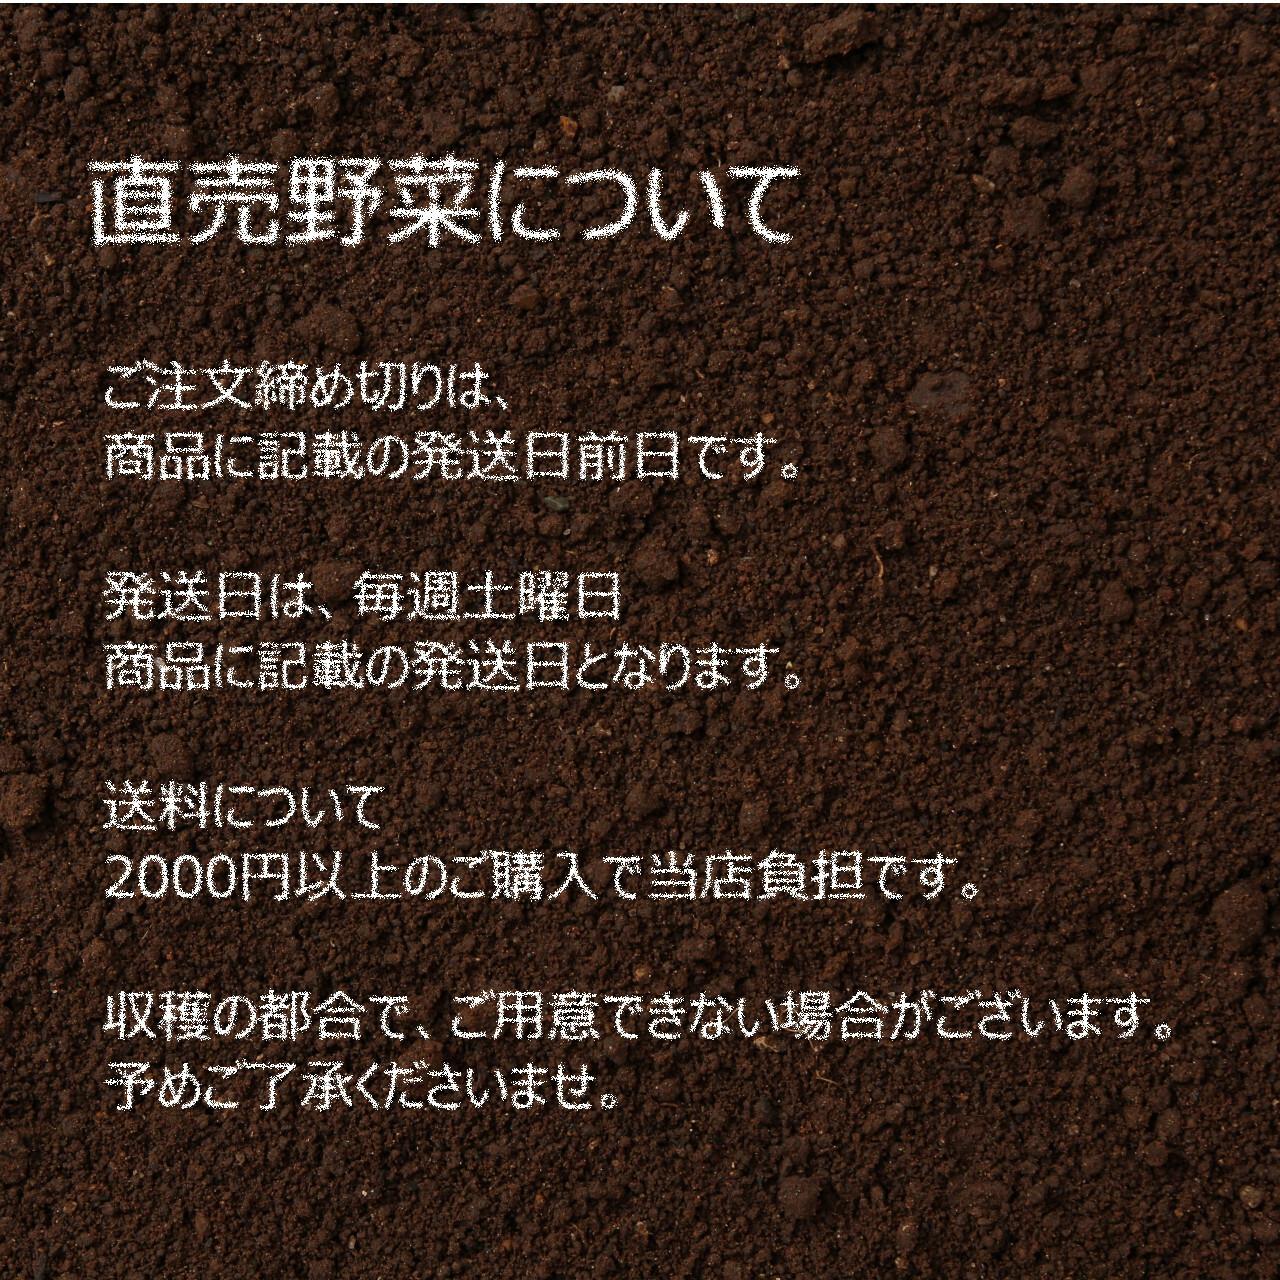 新鮮な秋野菜 : えだまめ 300g 9月の朝採り直売野菜 9月12日発送予定